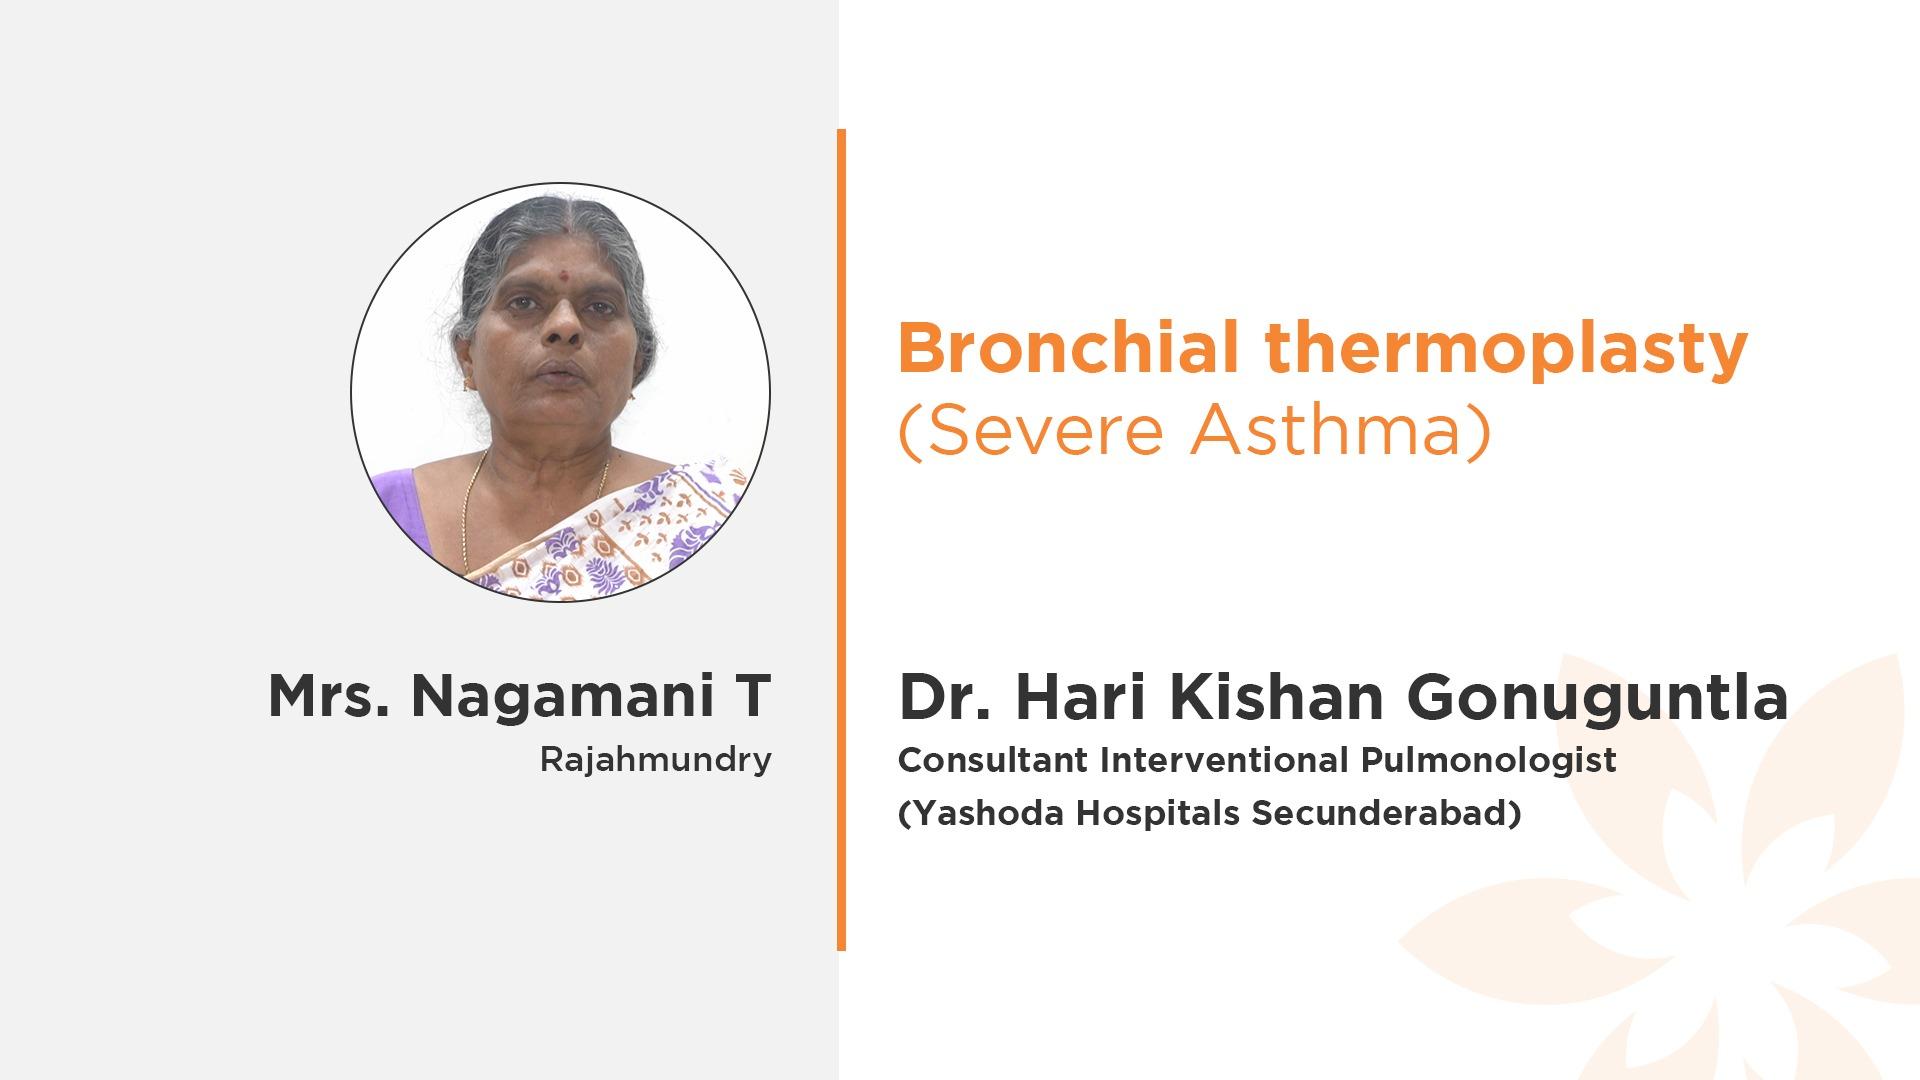 Mrs. Nagamani T Dr. Hari Kishan Gonuguntla Bronchial Thermoplasty